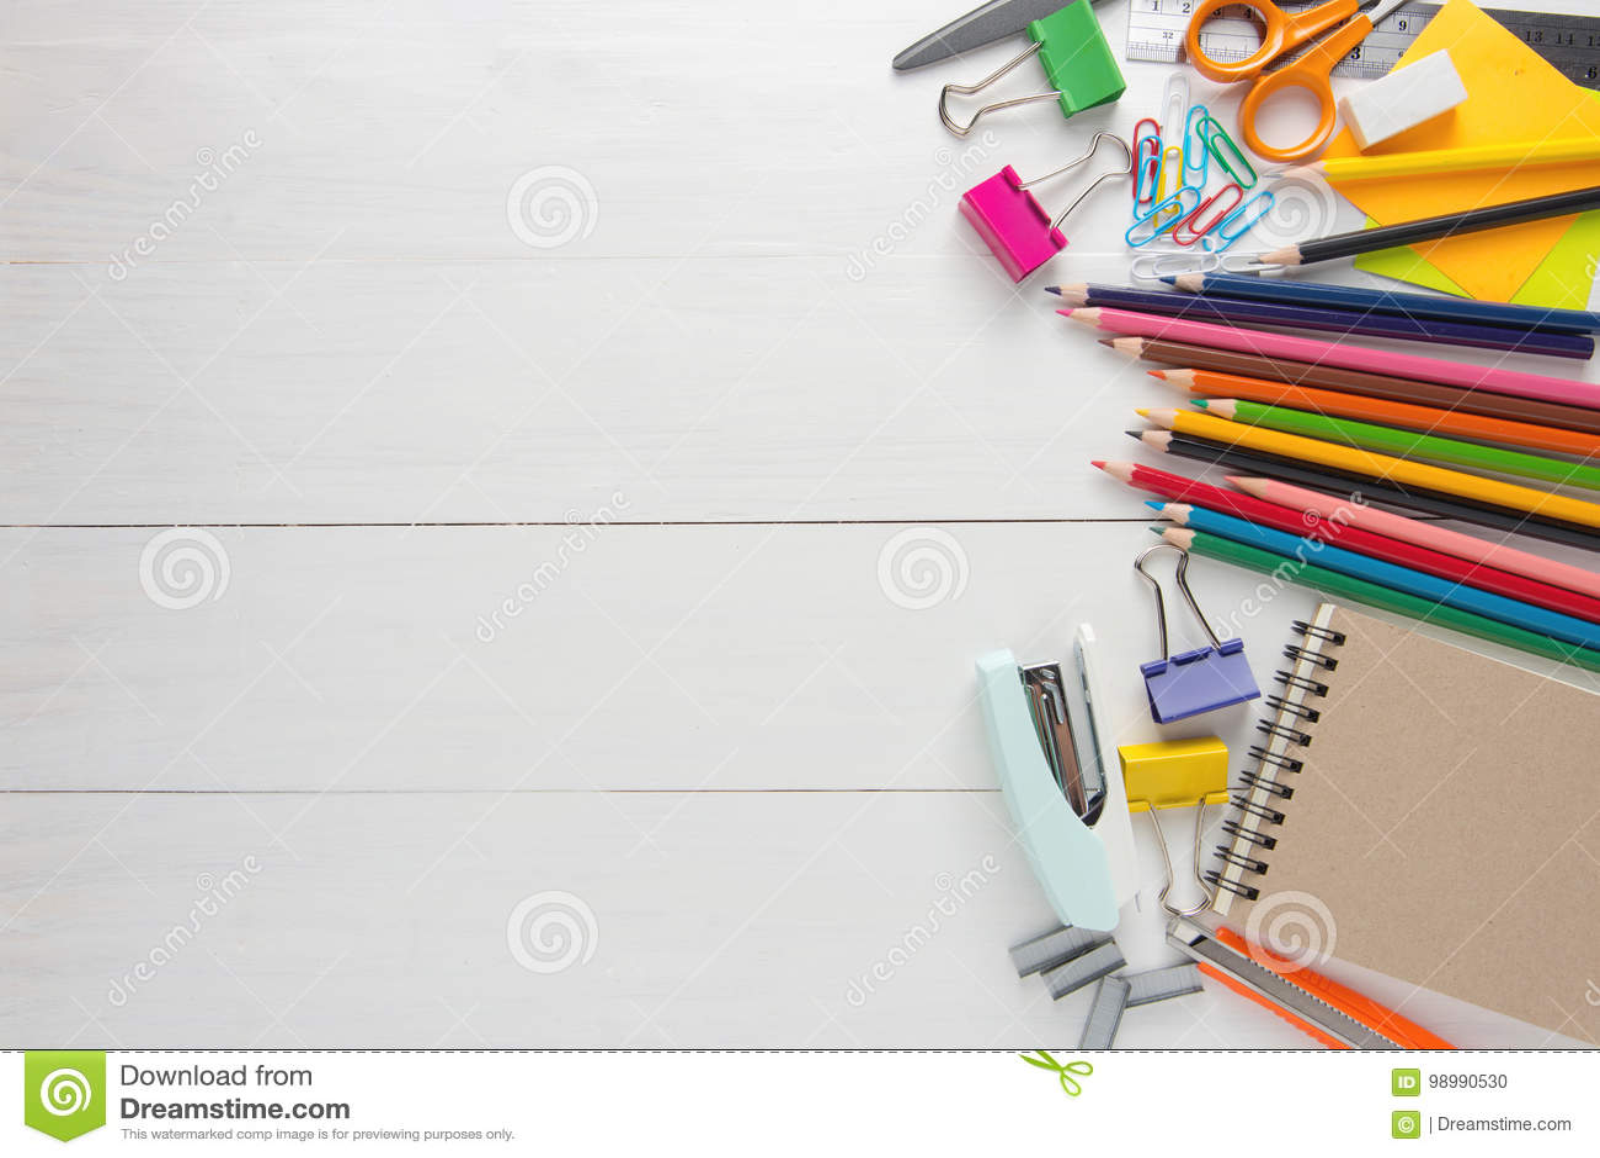 Papeterie d école et fournitures de bureau